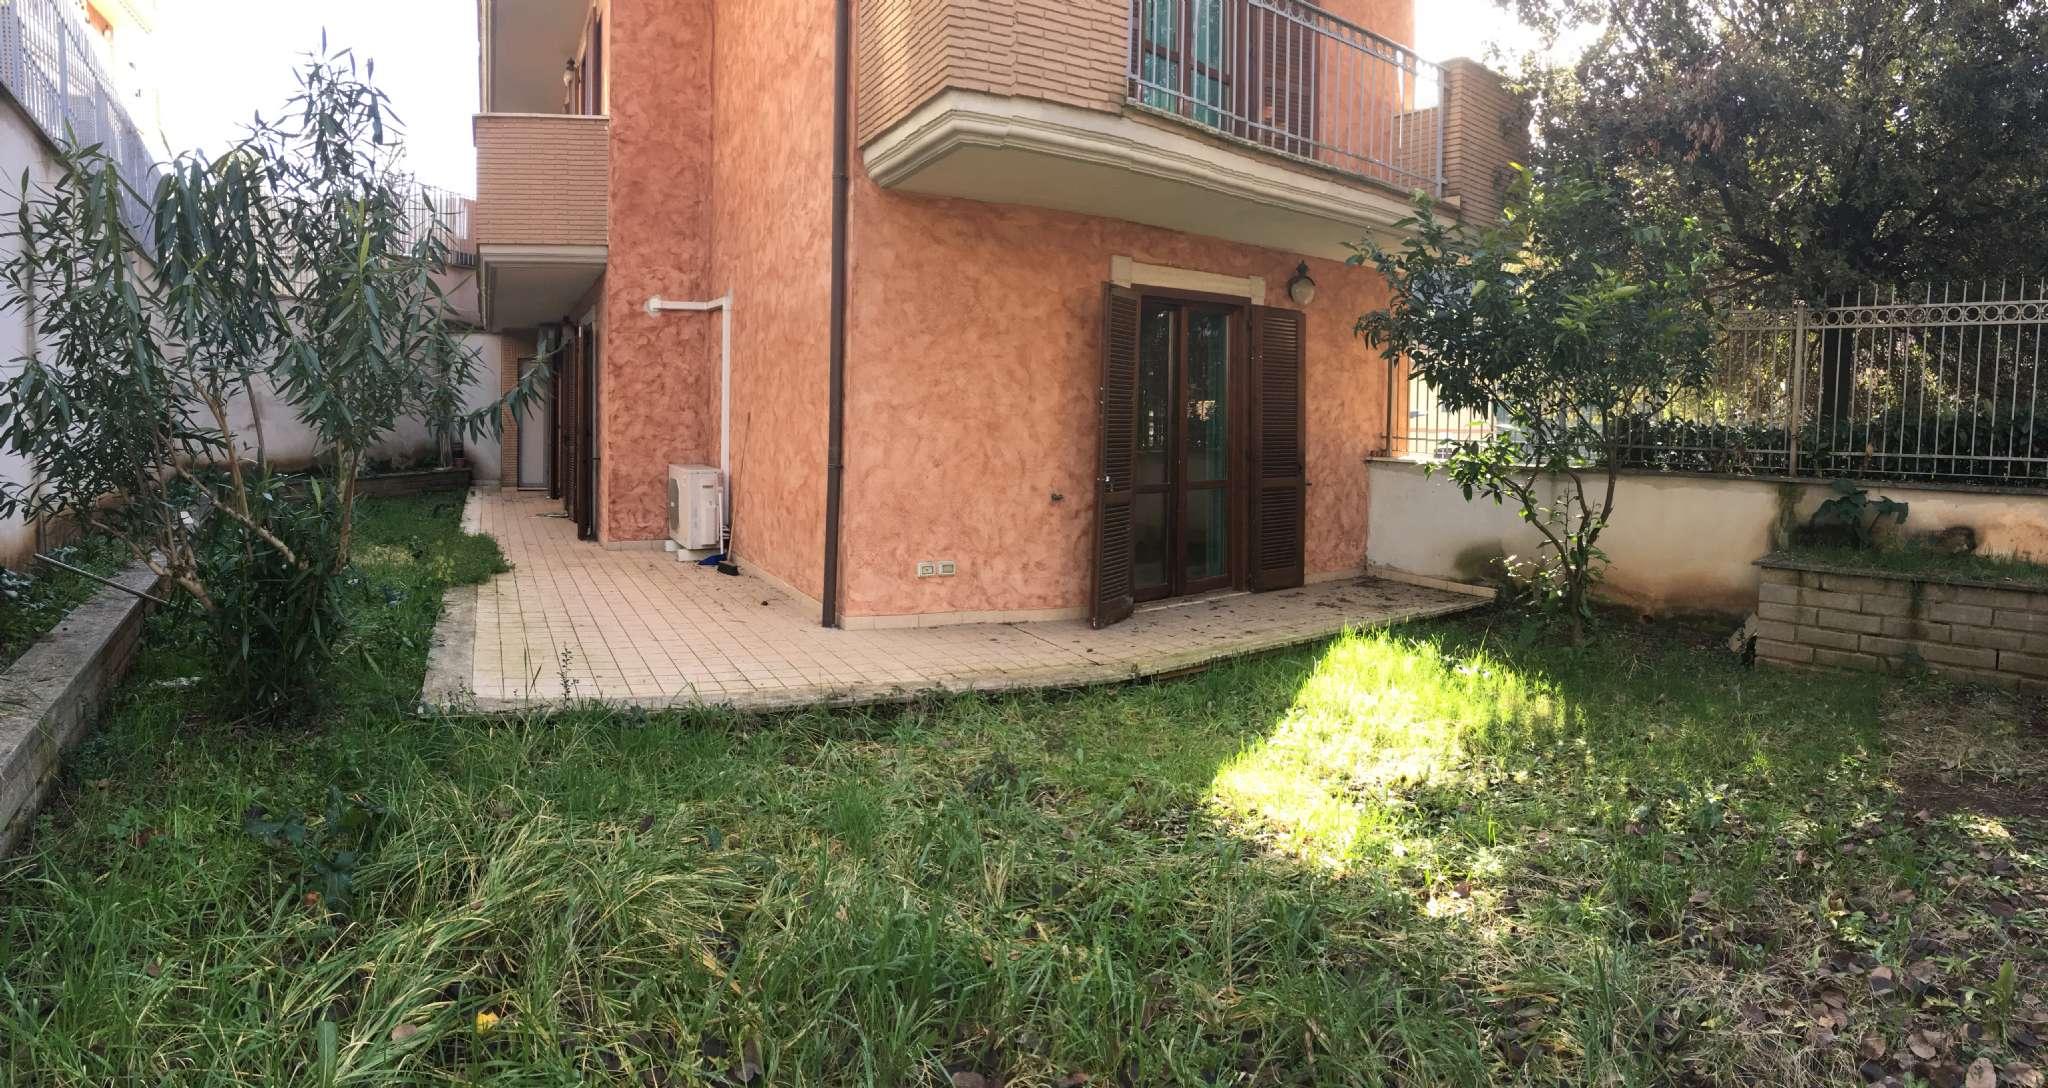 Appartamento in vendita a Zagarolo, 5 locali, prezzo € 185.000 | CambioCasa.it